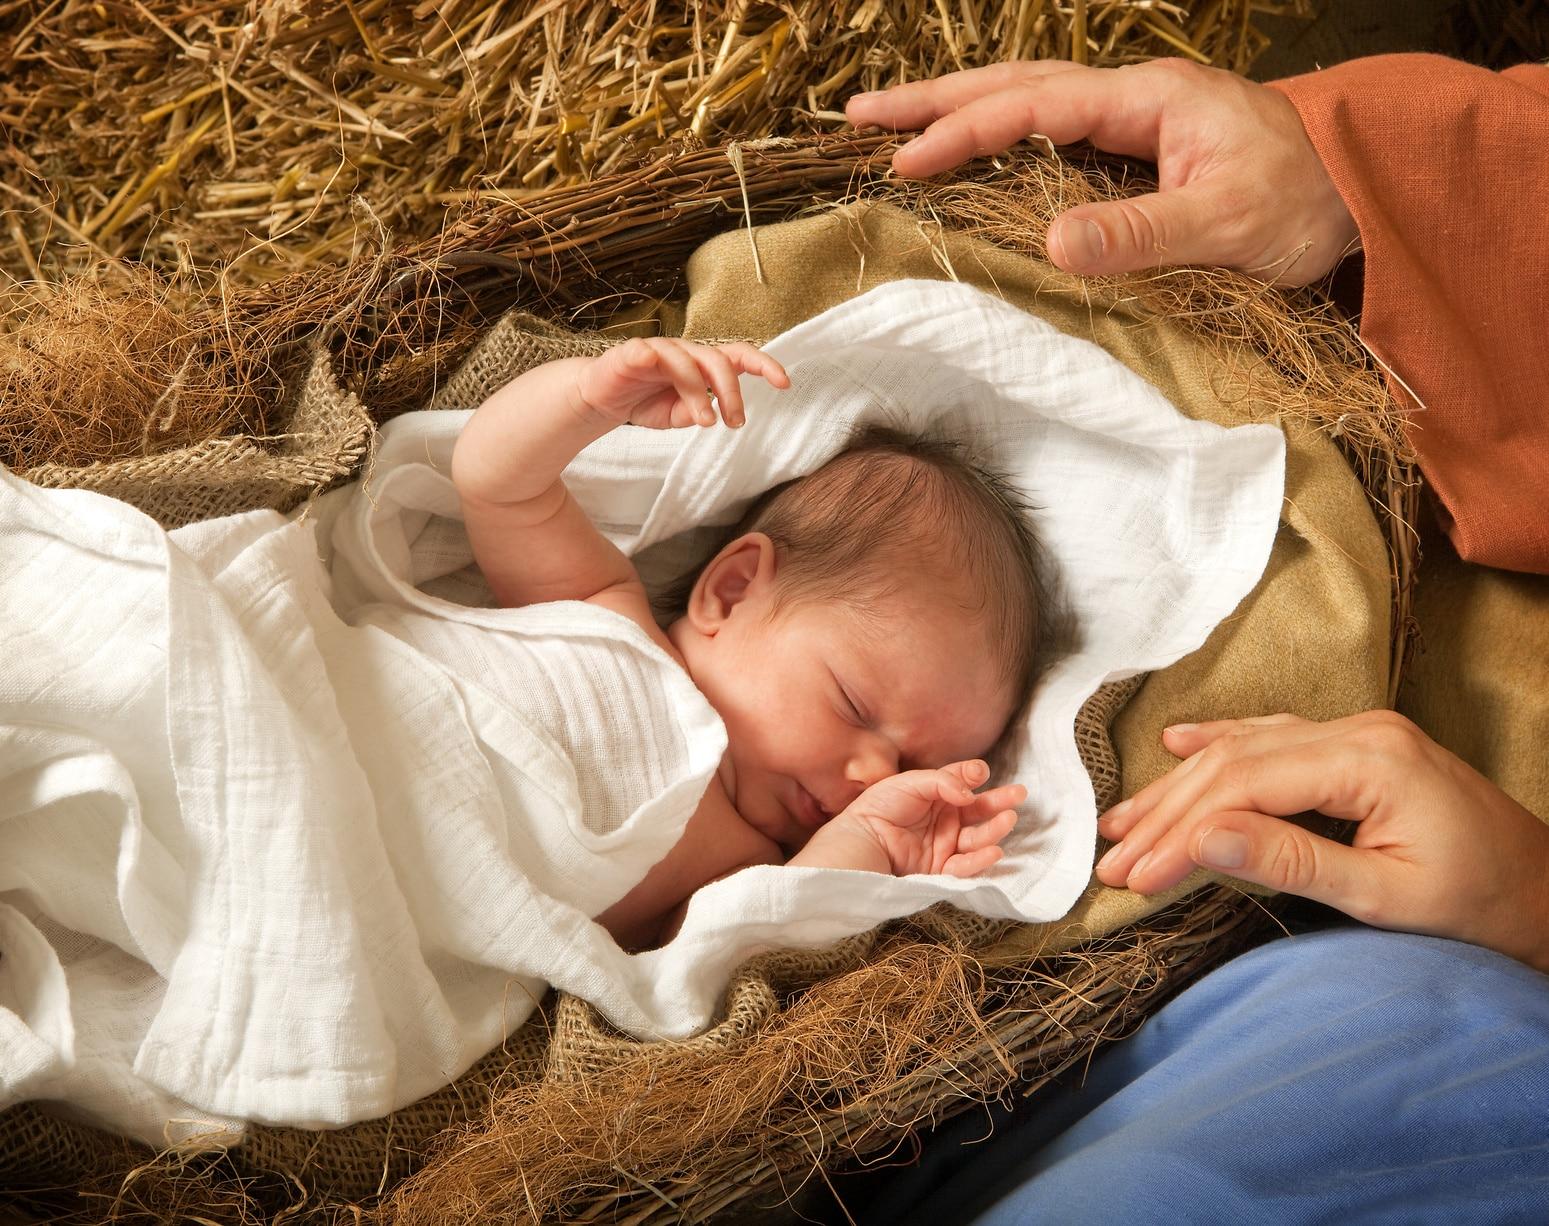 ein Baby liegt in einer Krippe